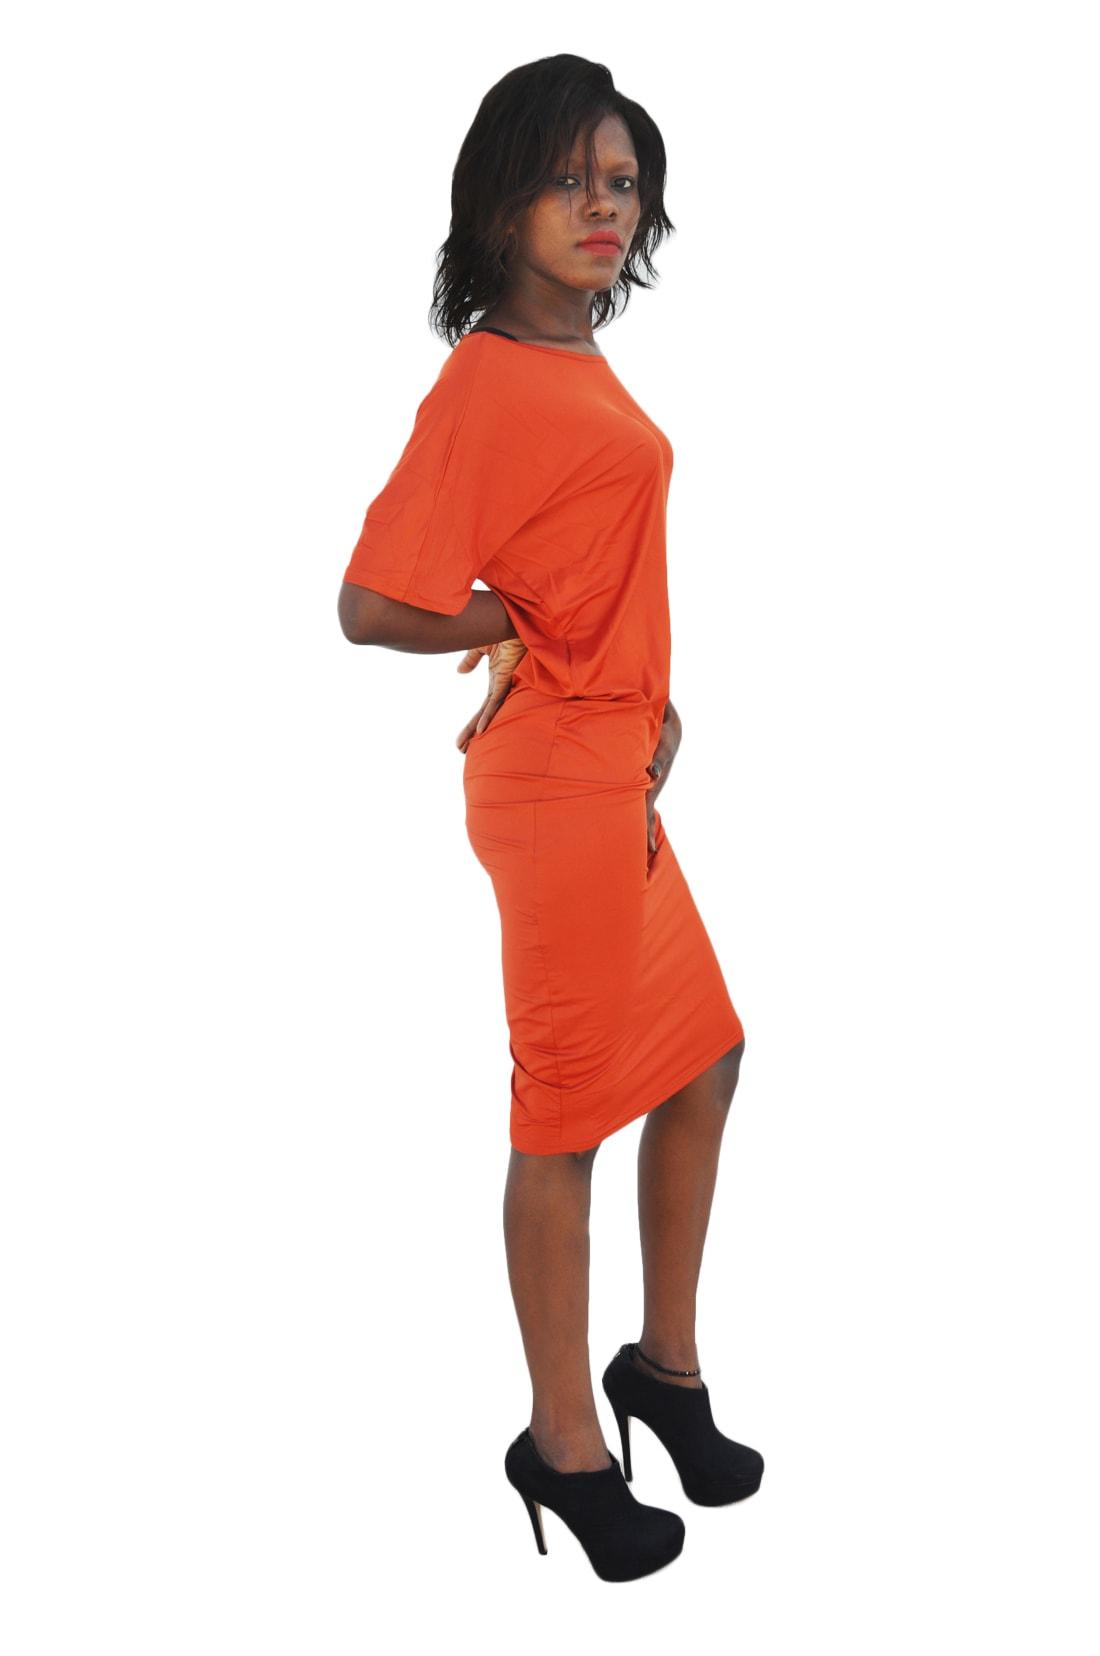 M0193 orange2 Party Dresses maureens.com boutique